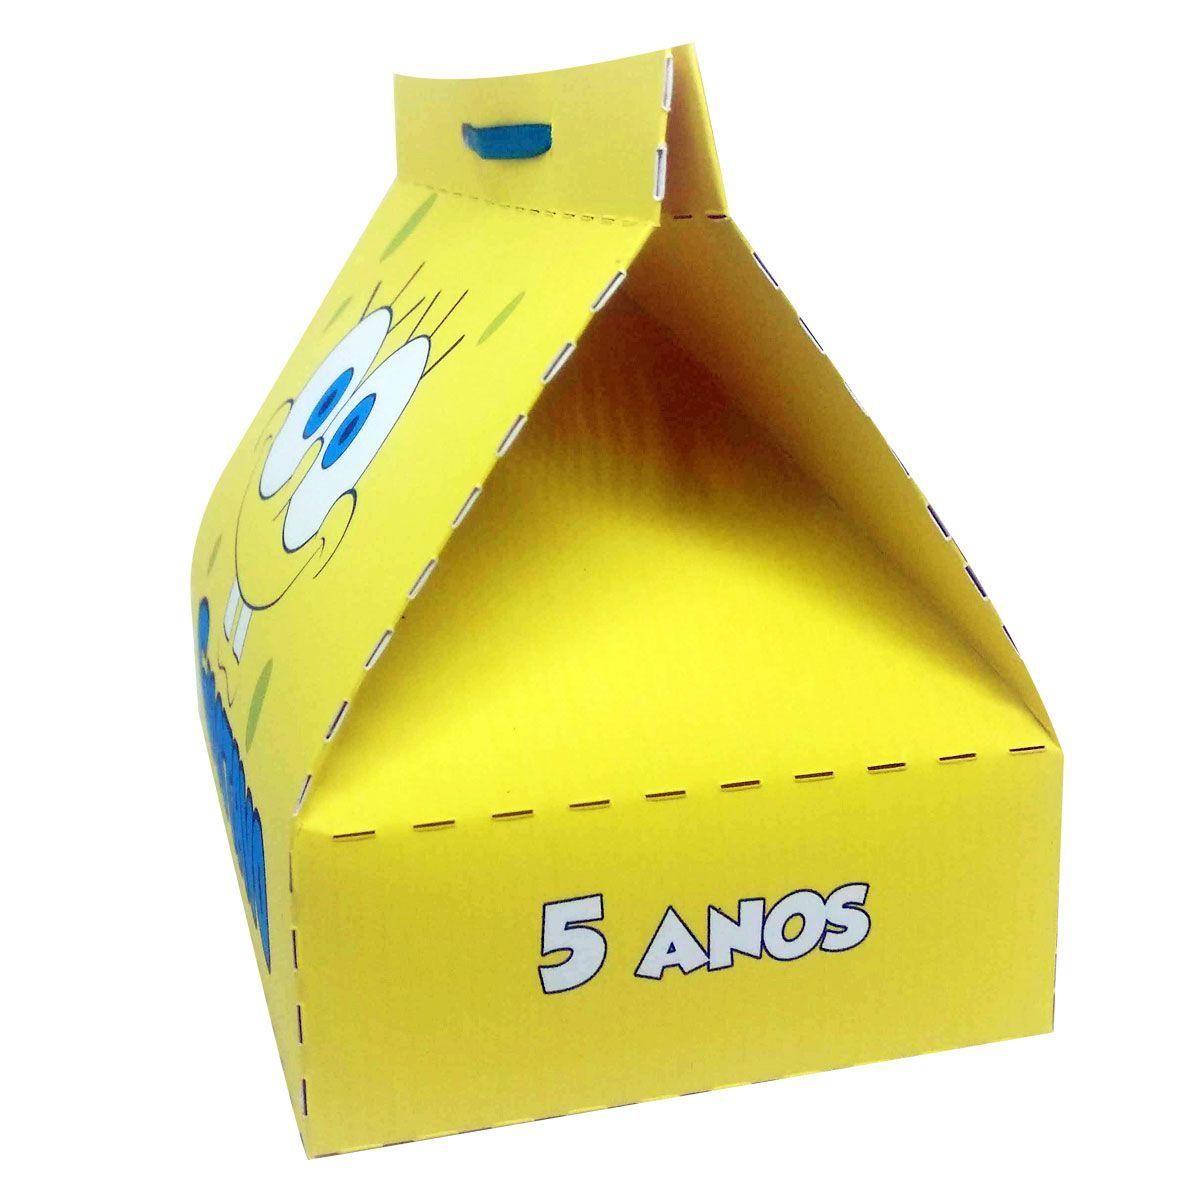 10x Caixa BIG Personalizada - Pacote com 10 unidades